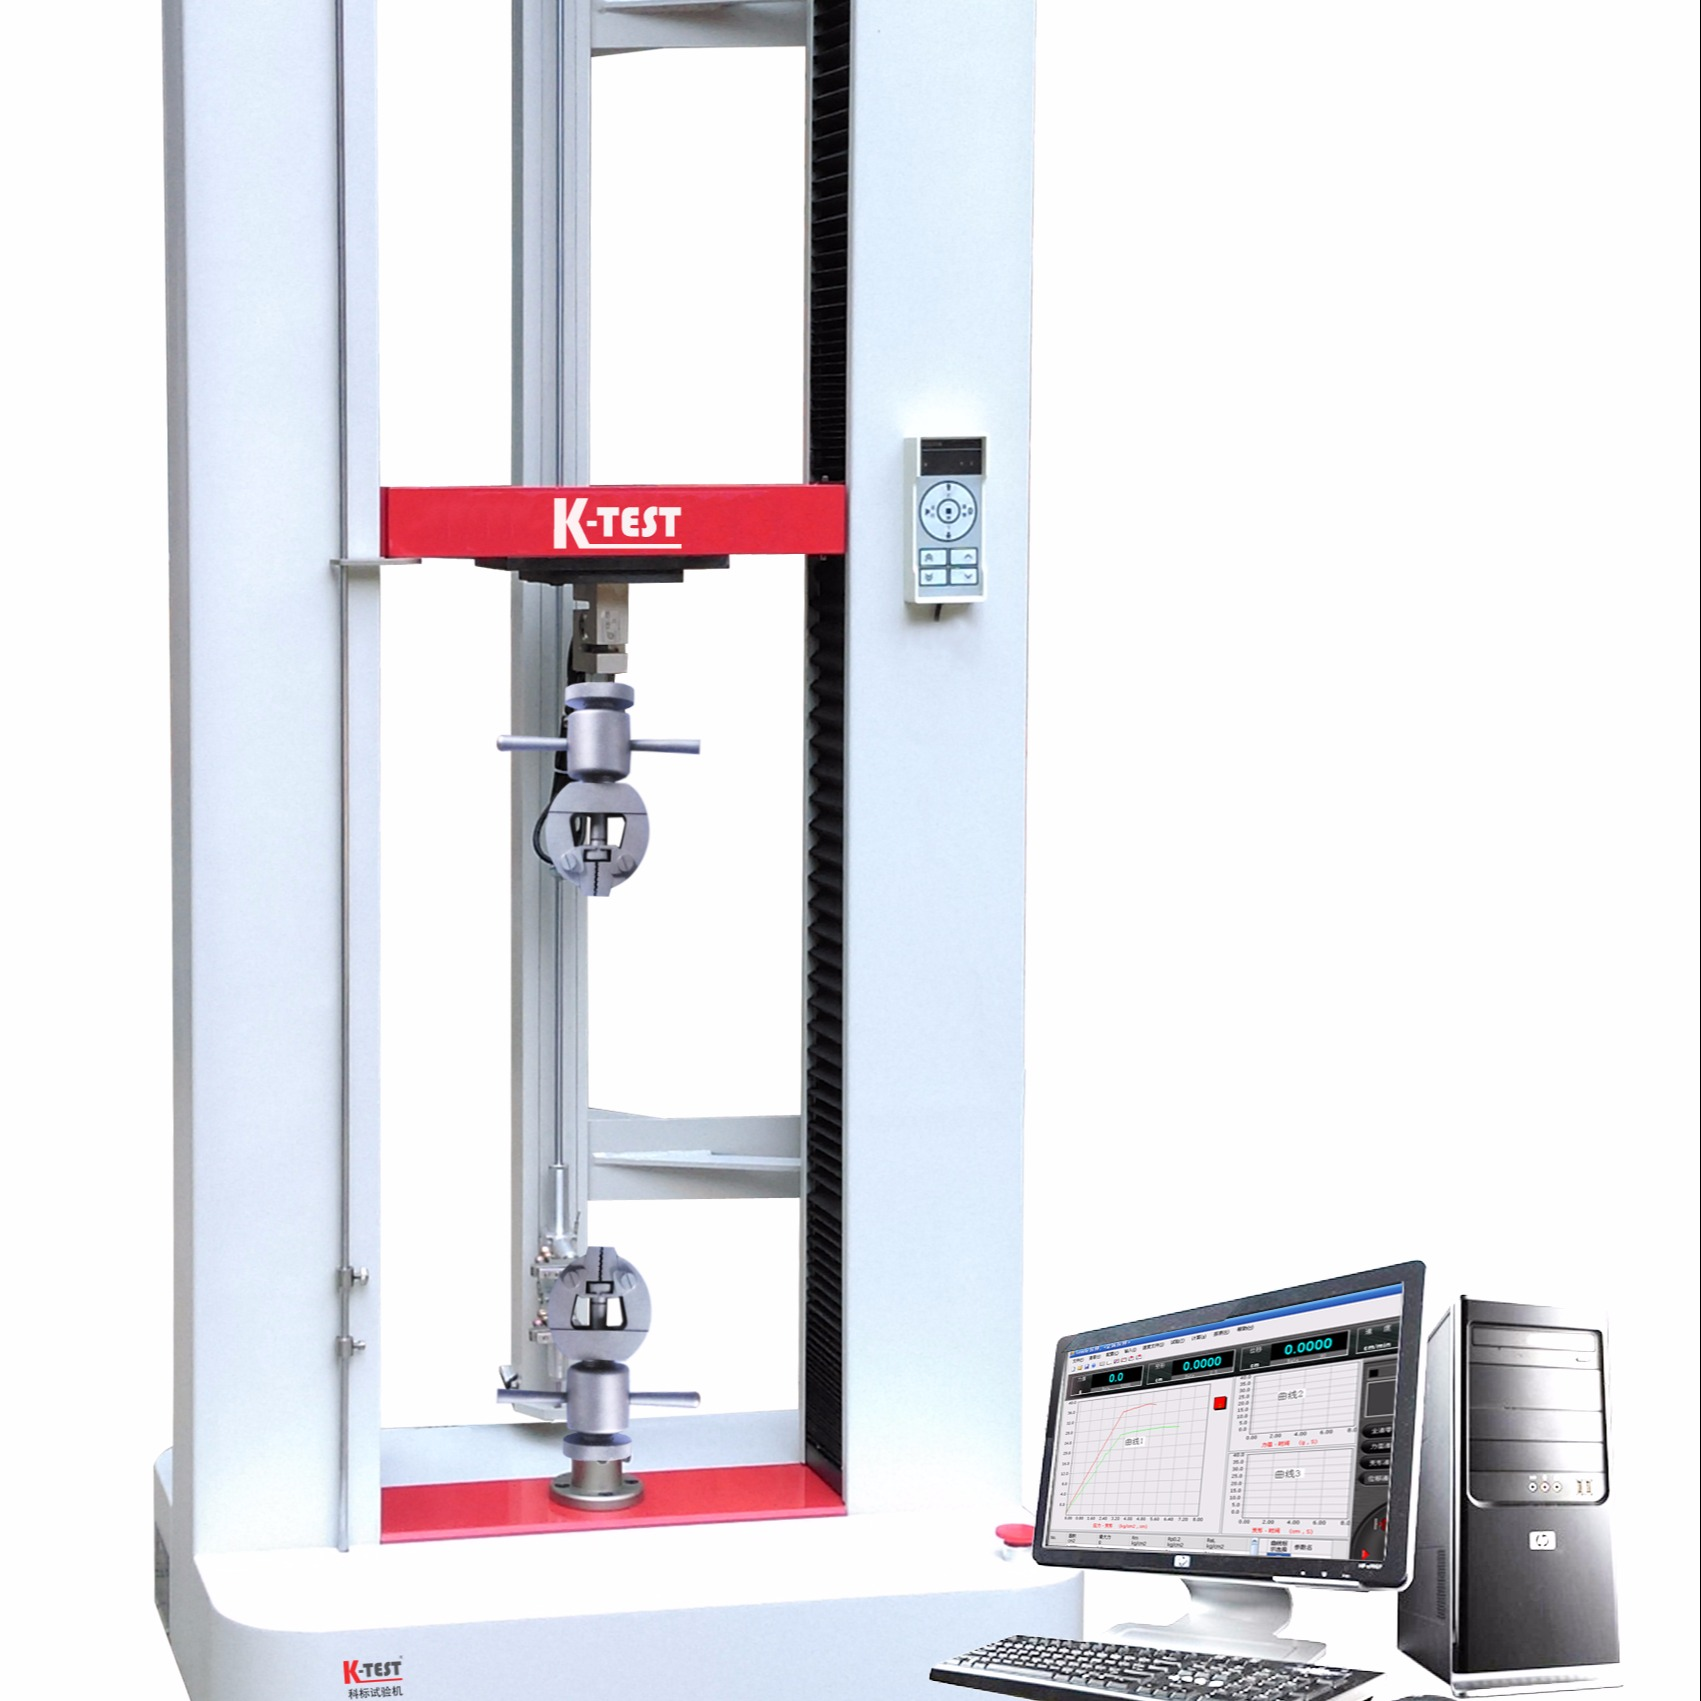 供应电子万能试验机,拉力机,塑料拉伸强度,塑料断裂伸长率测试,PE检测设备,20kn电子万能试验机,塑料管材拉伸性能